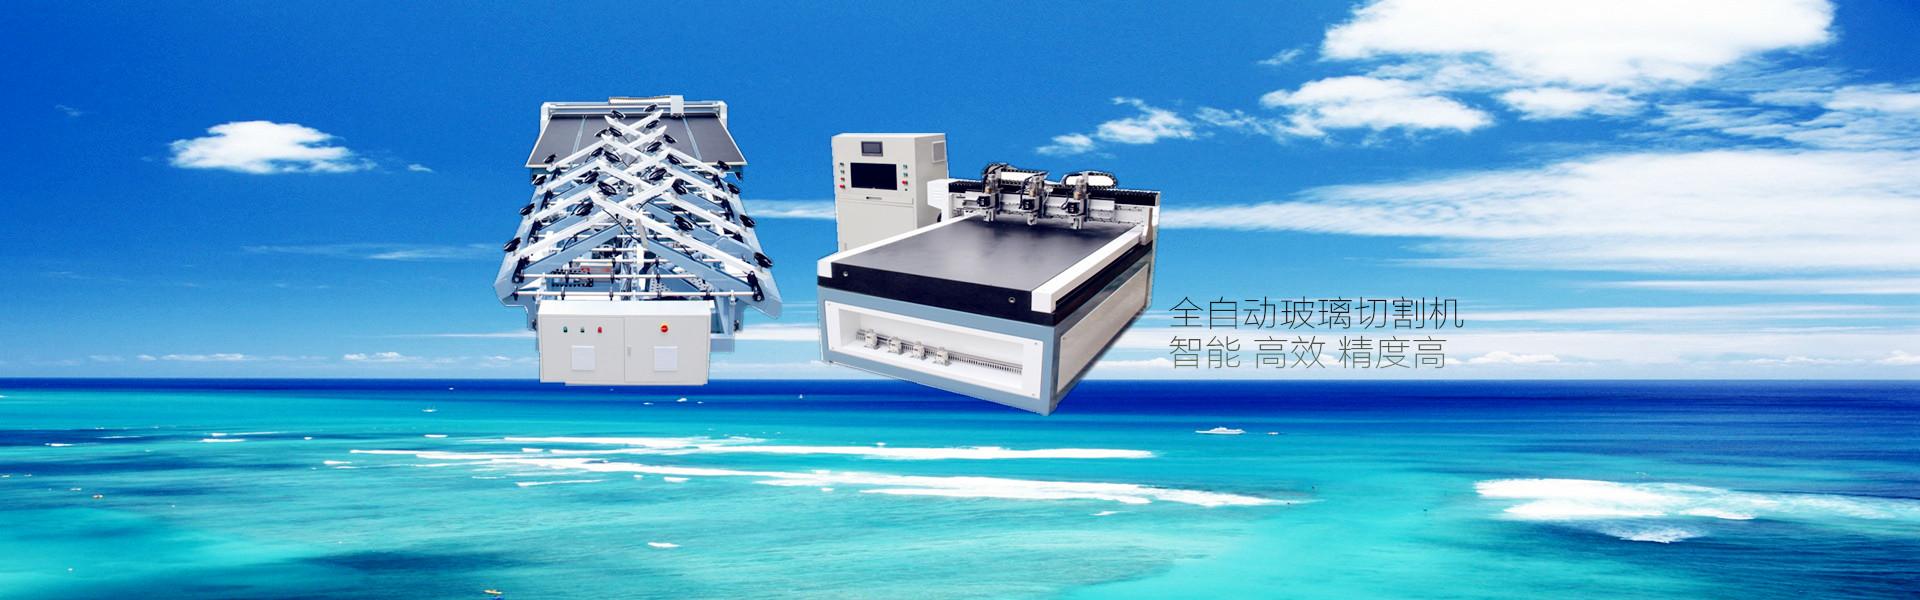 安徽赛普瑞斯玻璃机械有限公司企业形象图片